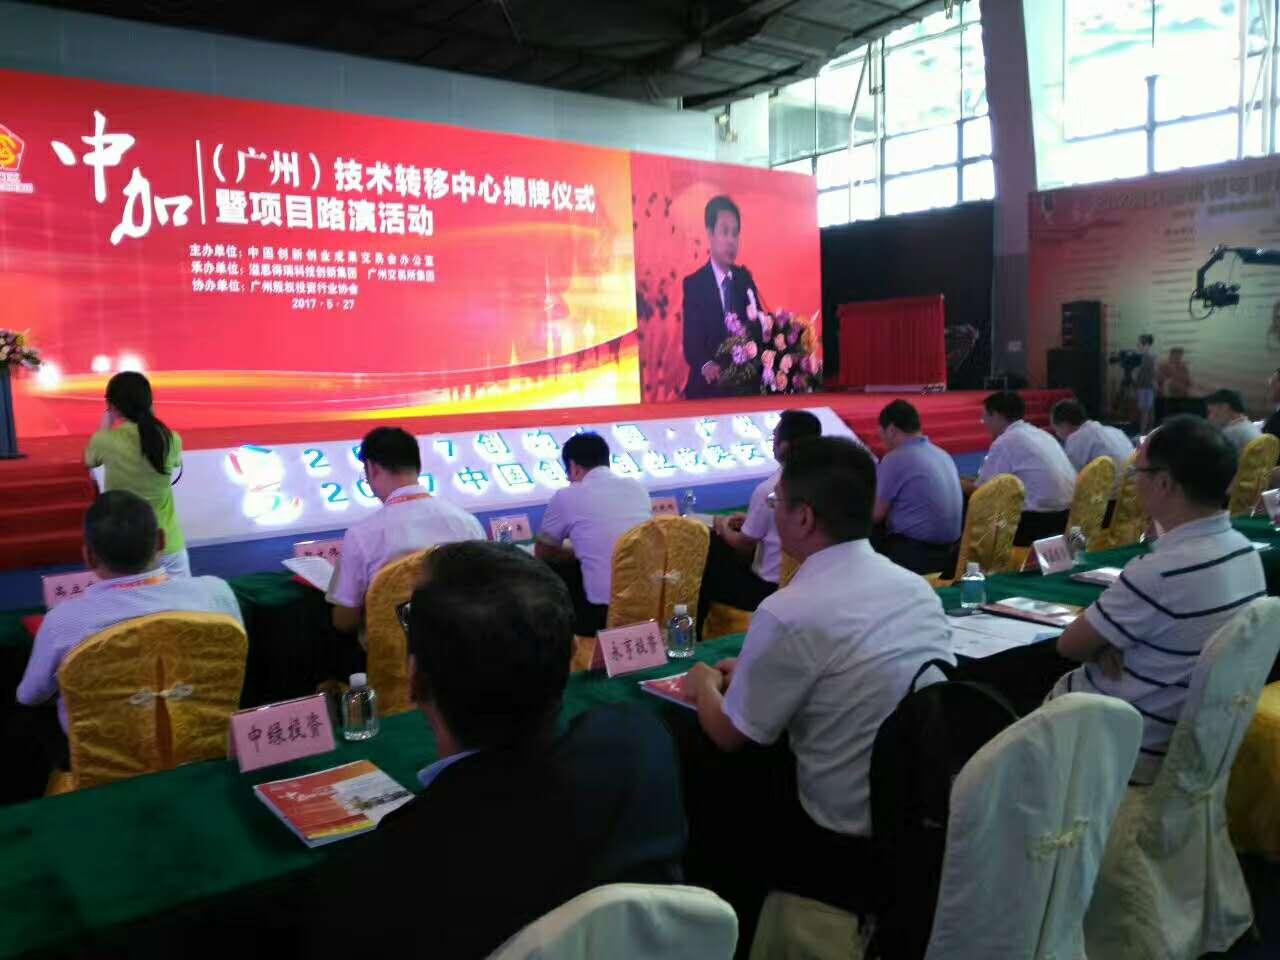 参加中加(广州)技术转移中心揭牌仪式